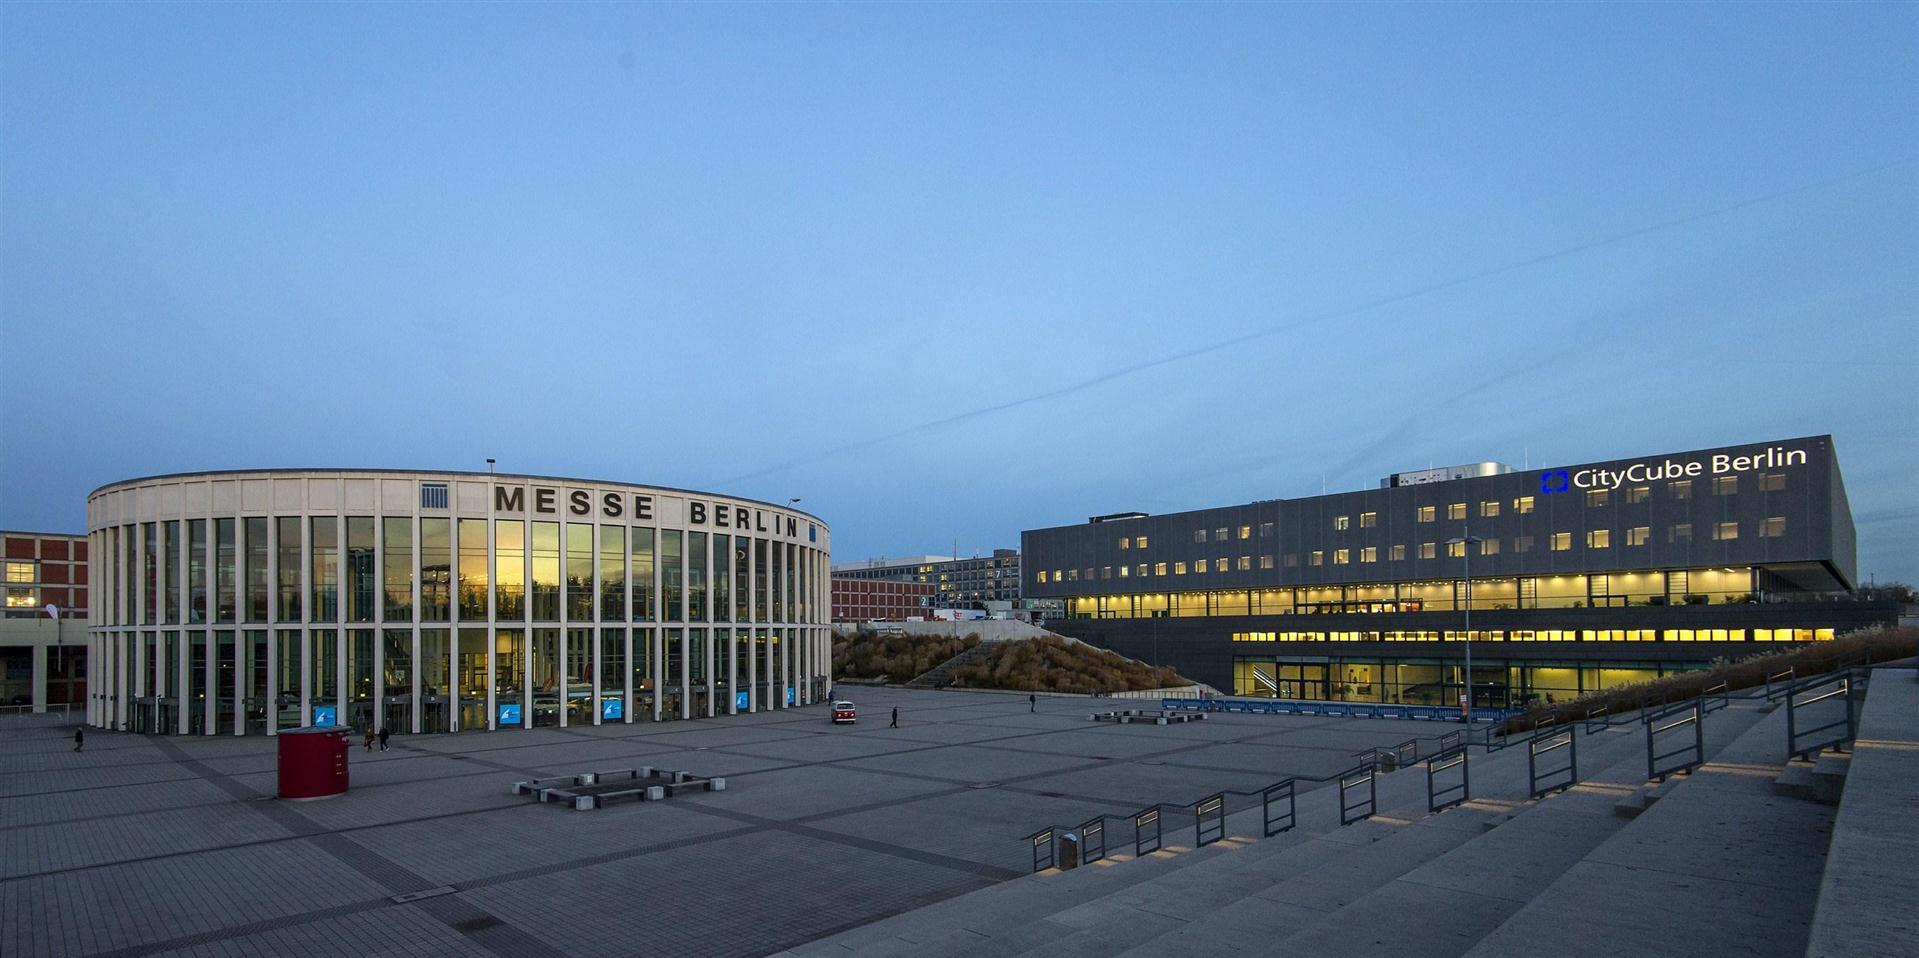 Zelt Cube Berlin : Venues promotions city guides